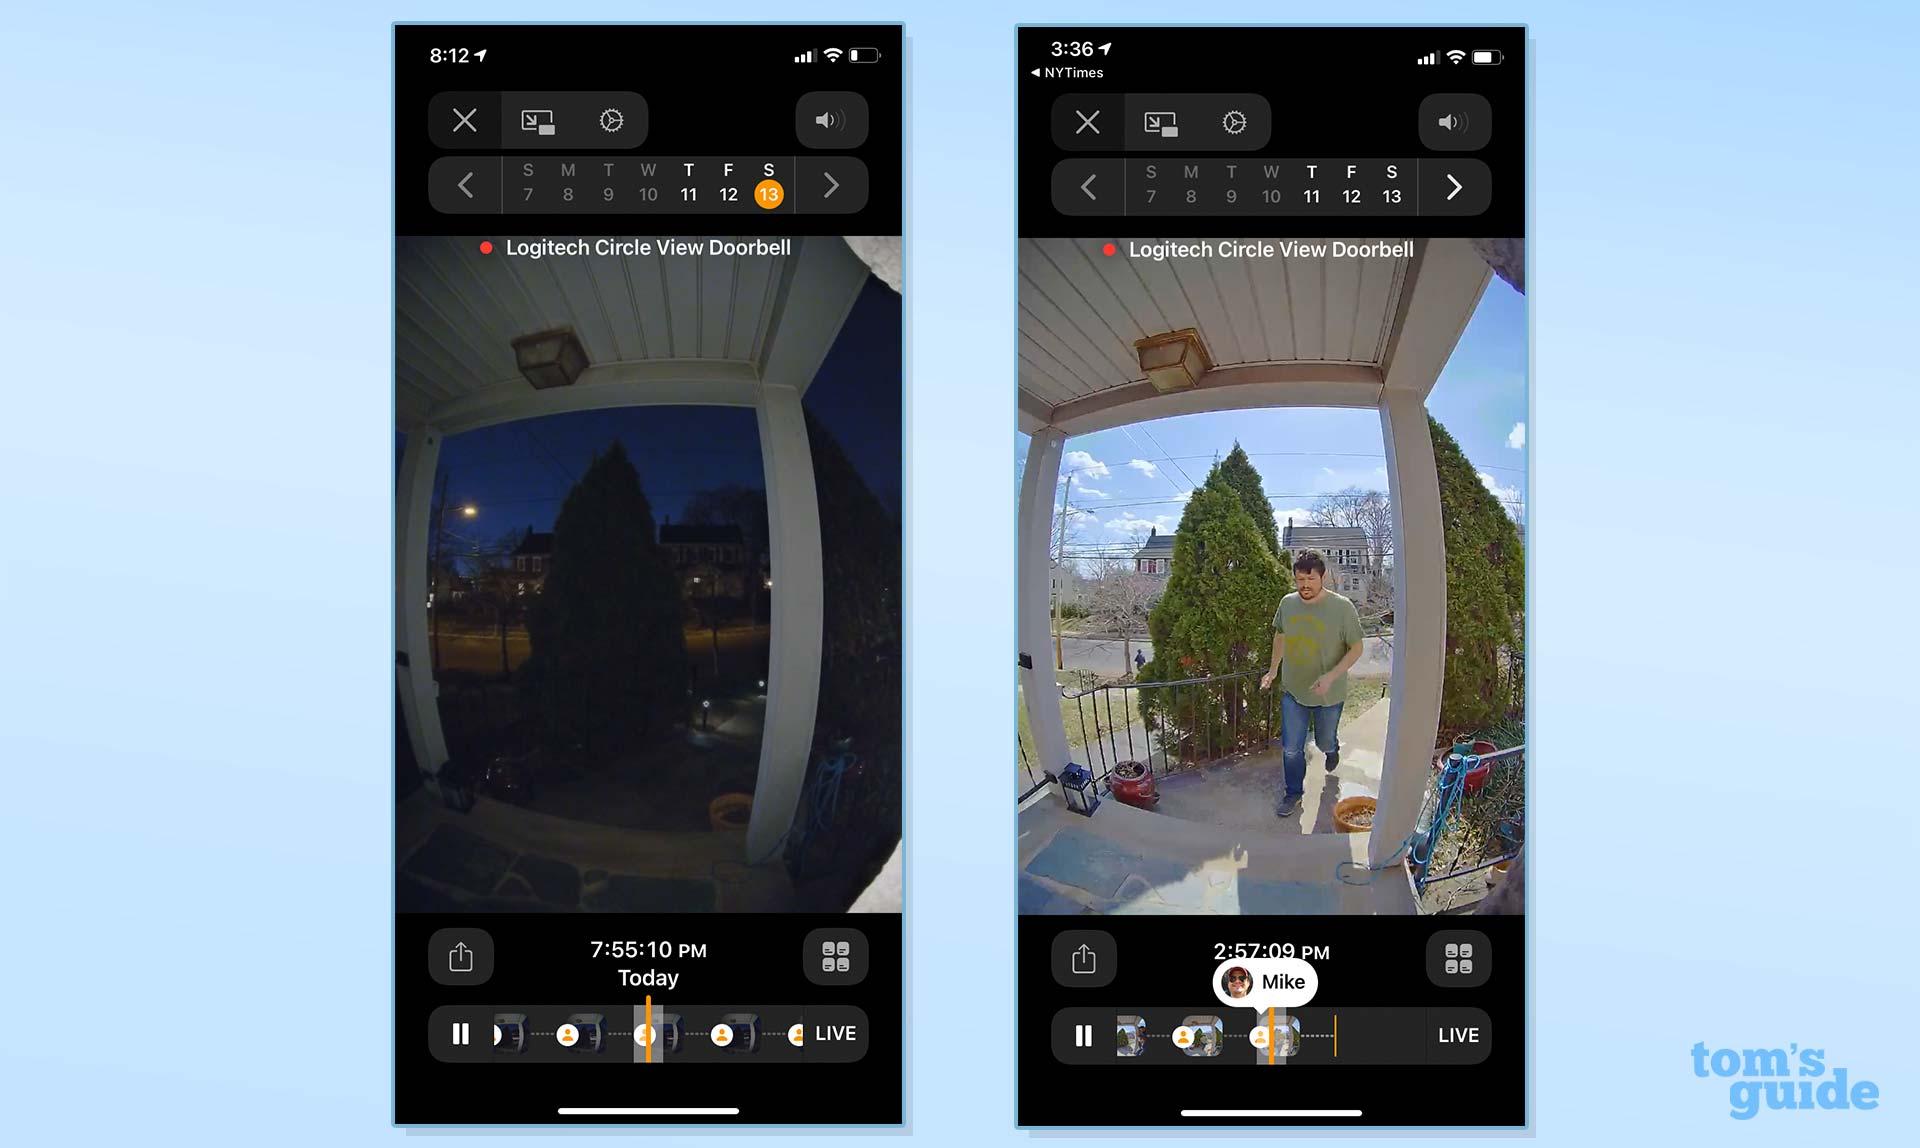 Video reviews Logitech Circle View Doorbell